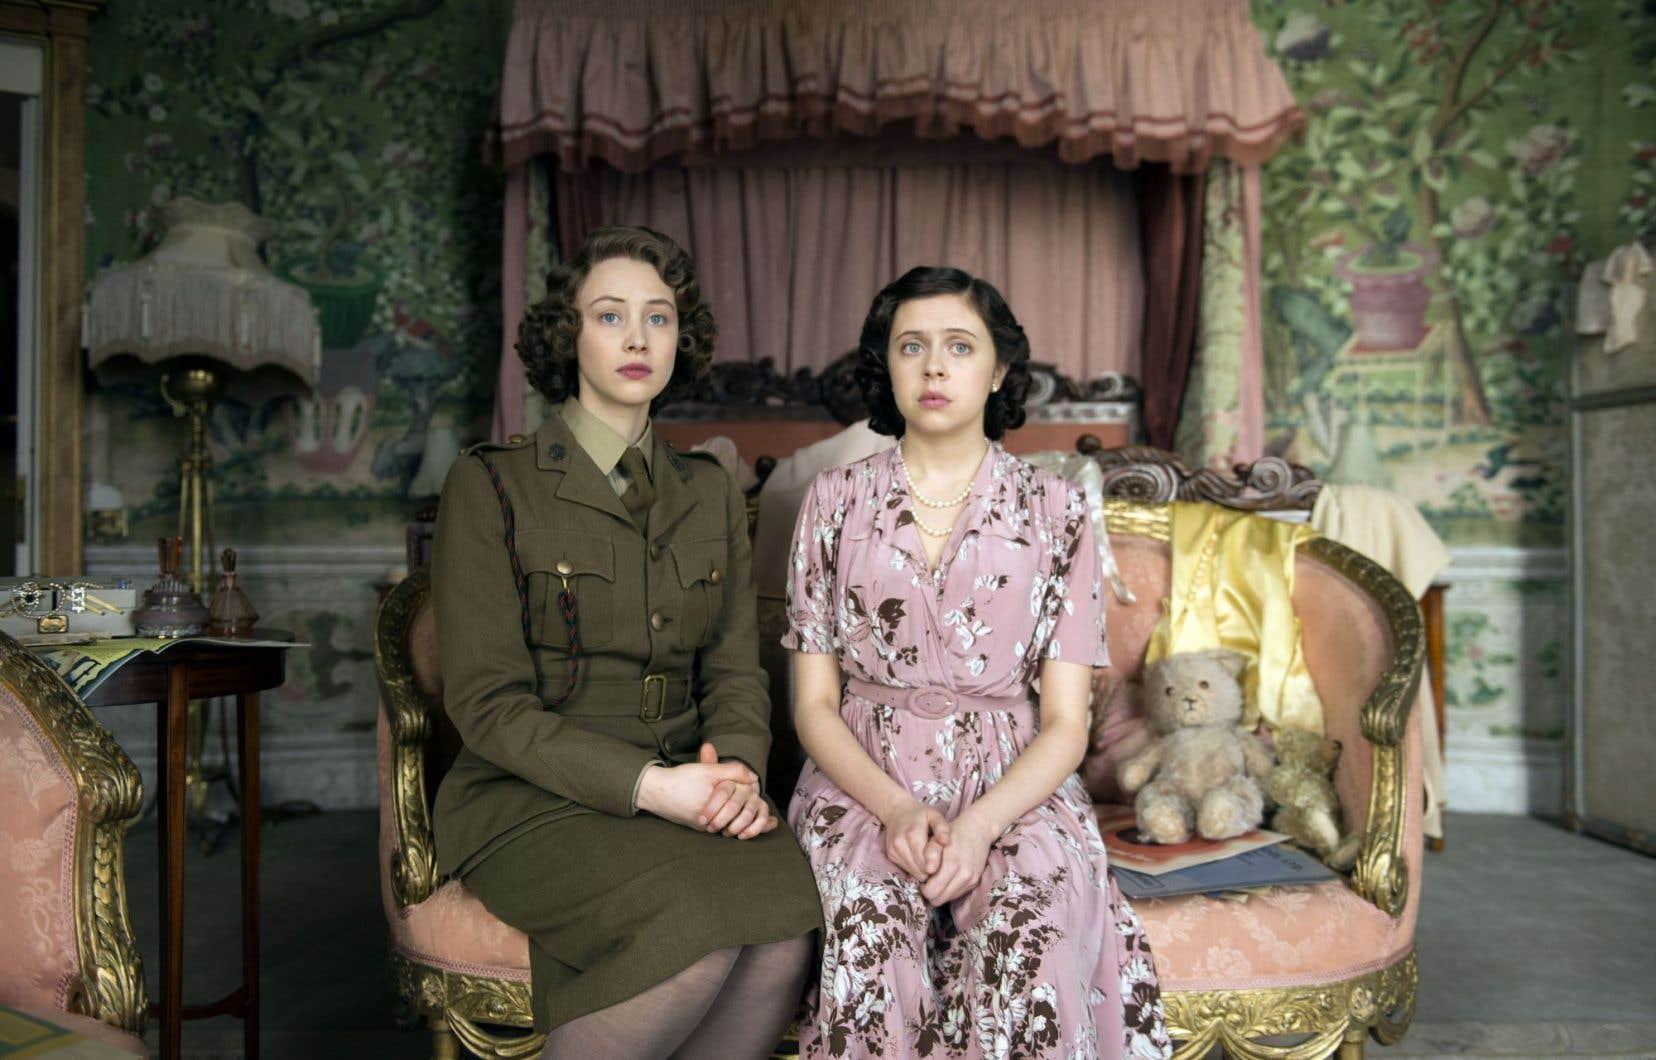 Les sœurs Elizabeth et Margaret auront droit à une «nuit folle» parmi leurs sujets.